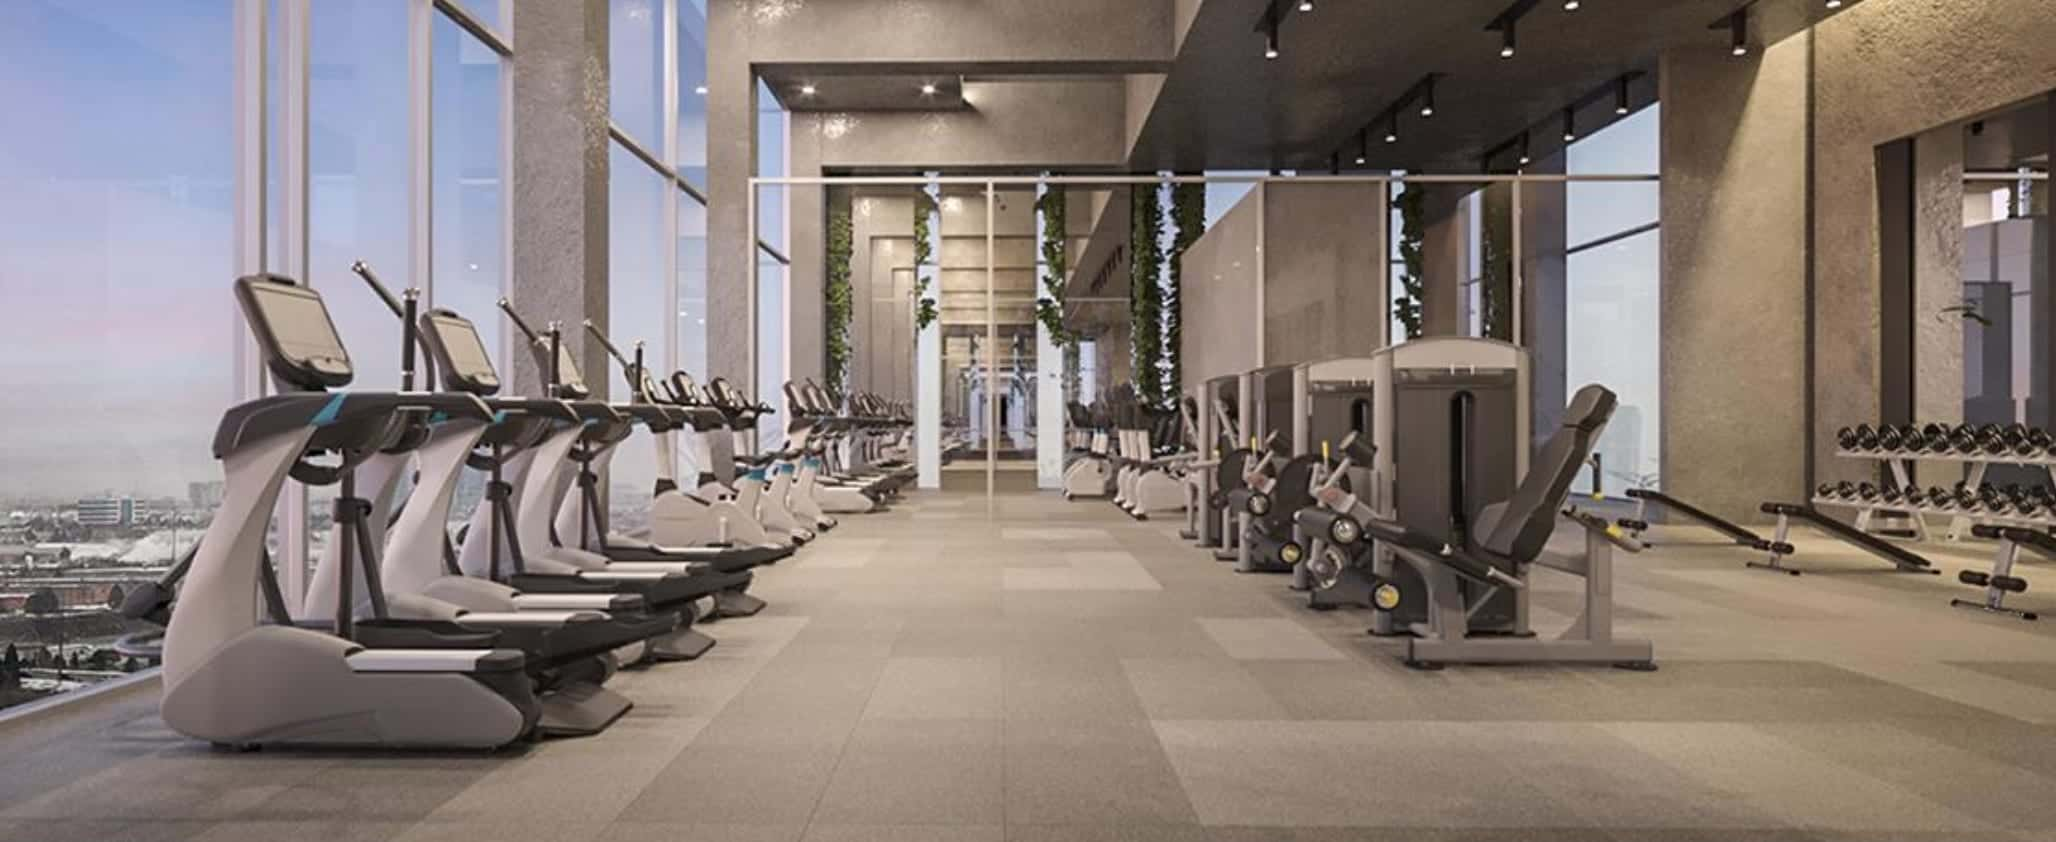 SXSW Condos Gym Fitness True Condos